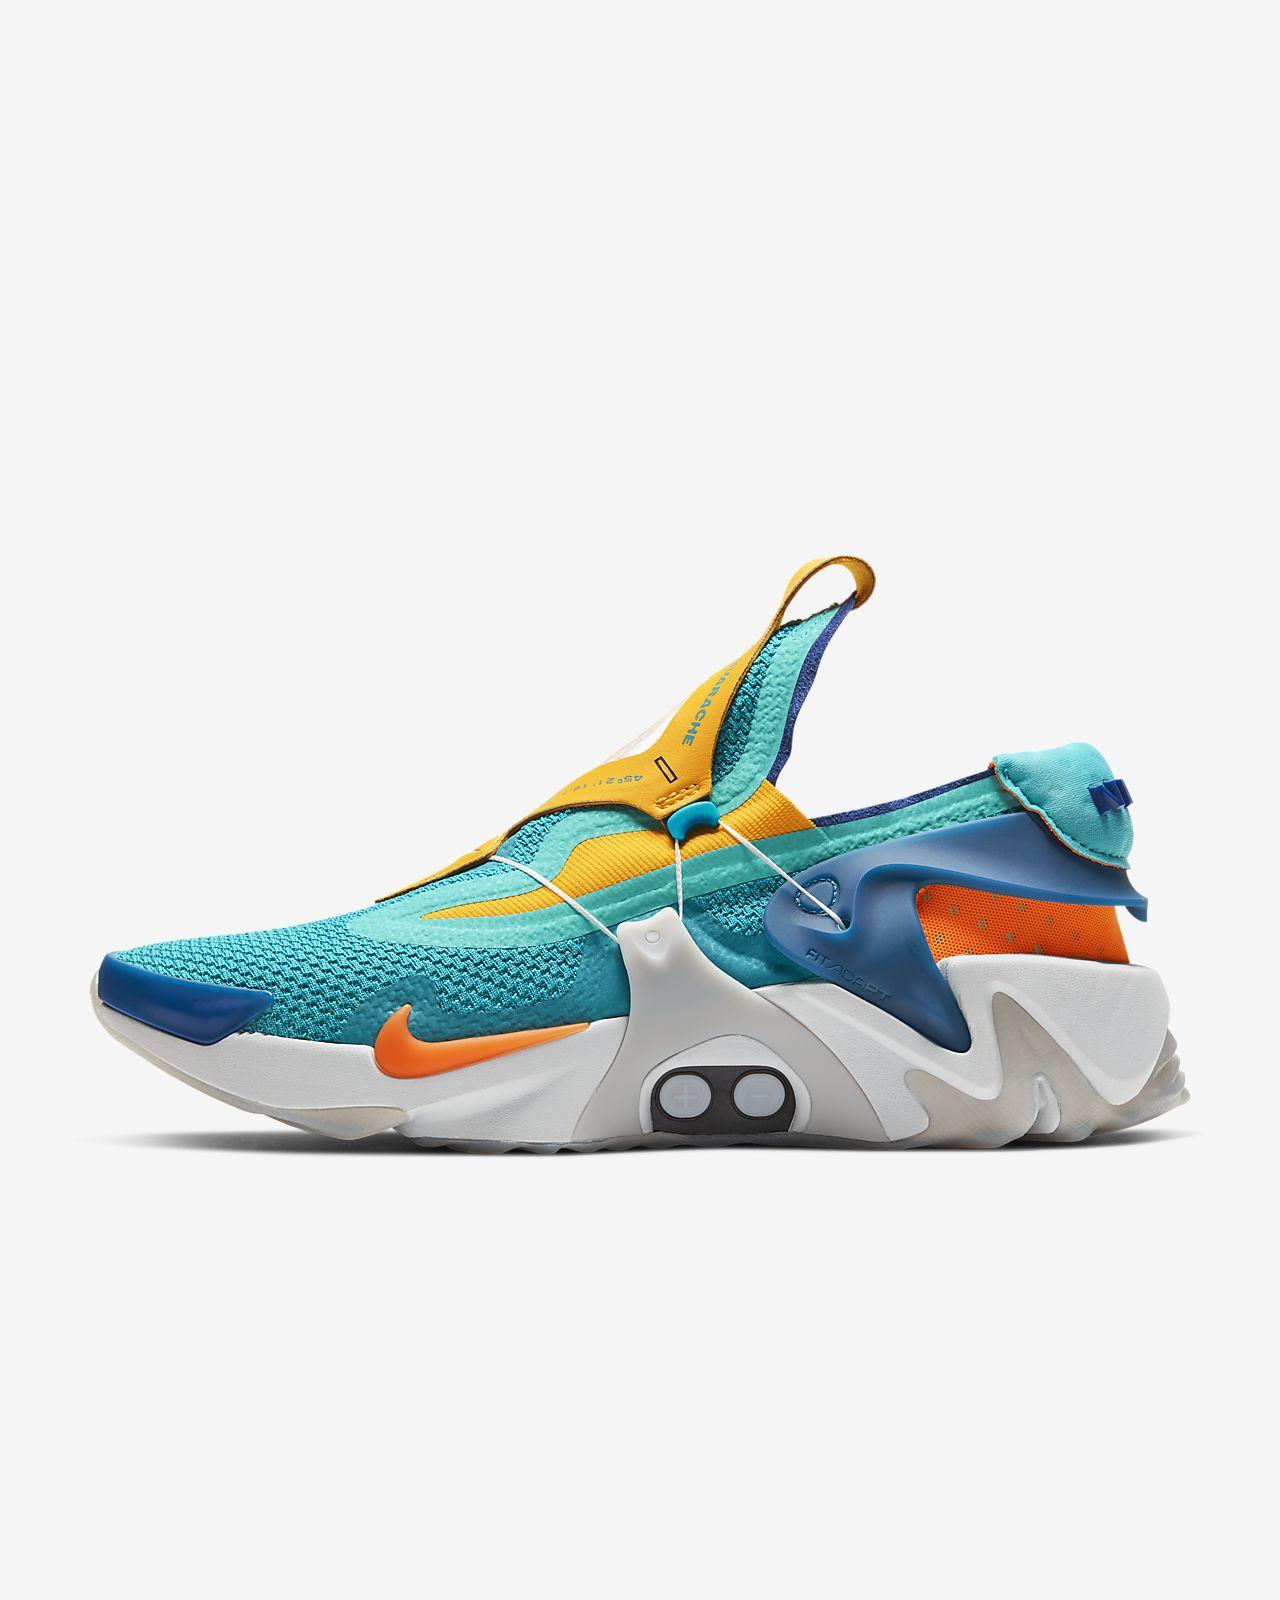 Sko Nike Adapt Huarache för män